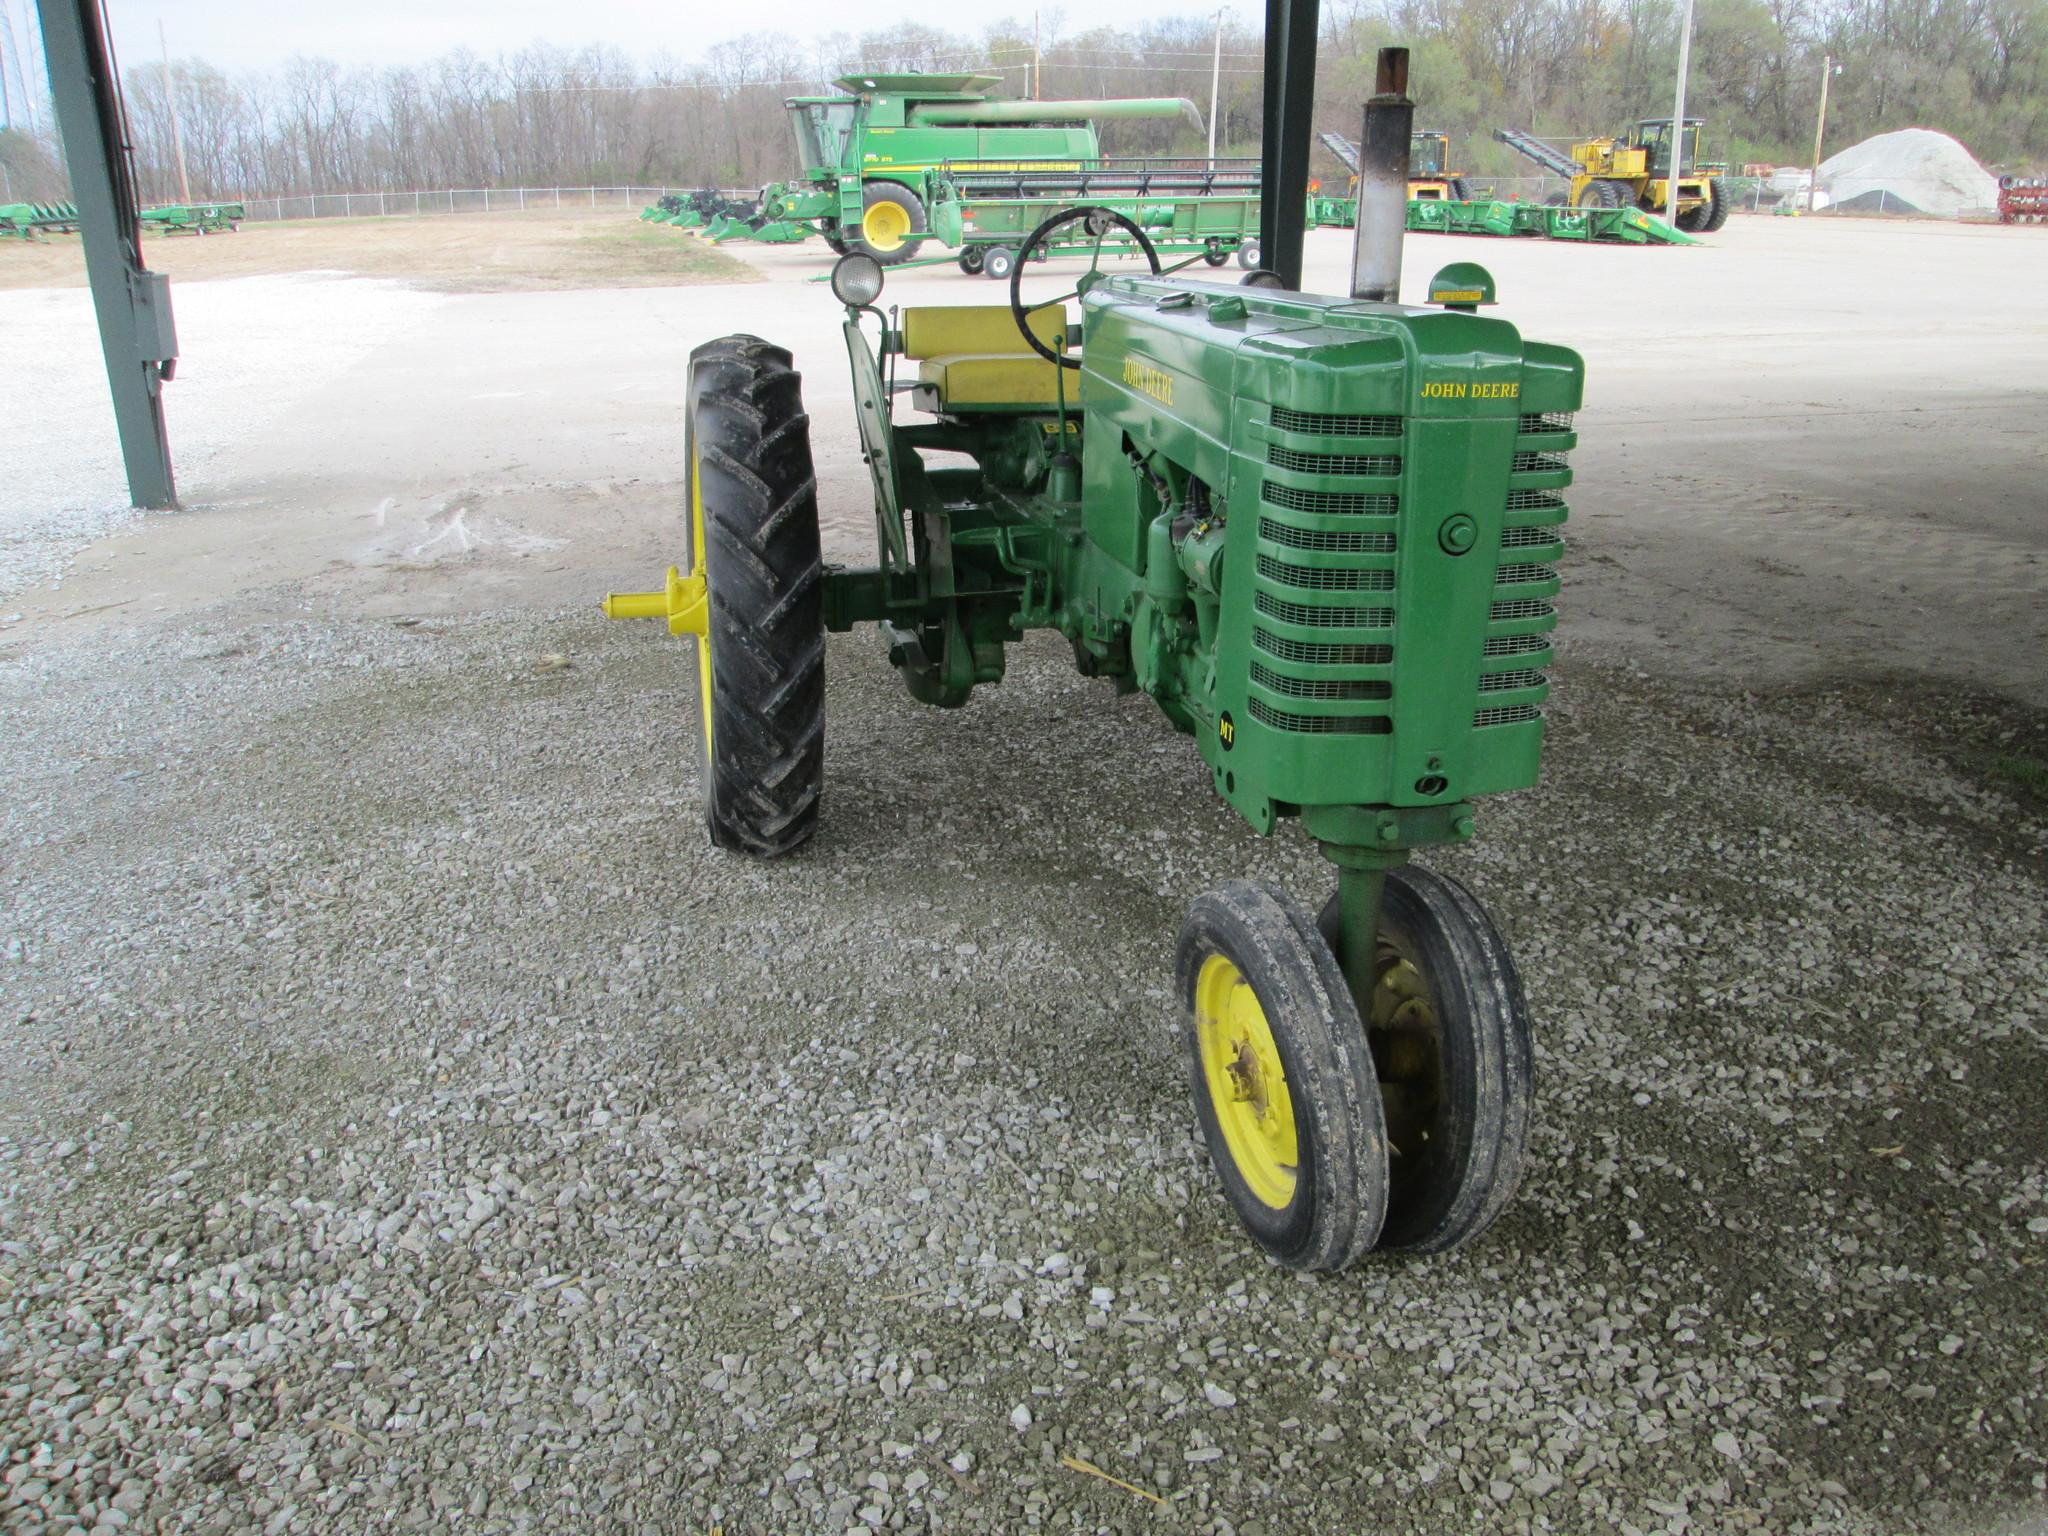 Mt John Deere Fenders : John deere mt utility tractors for sale